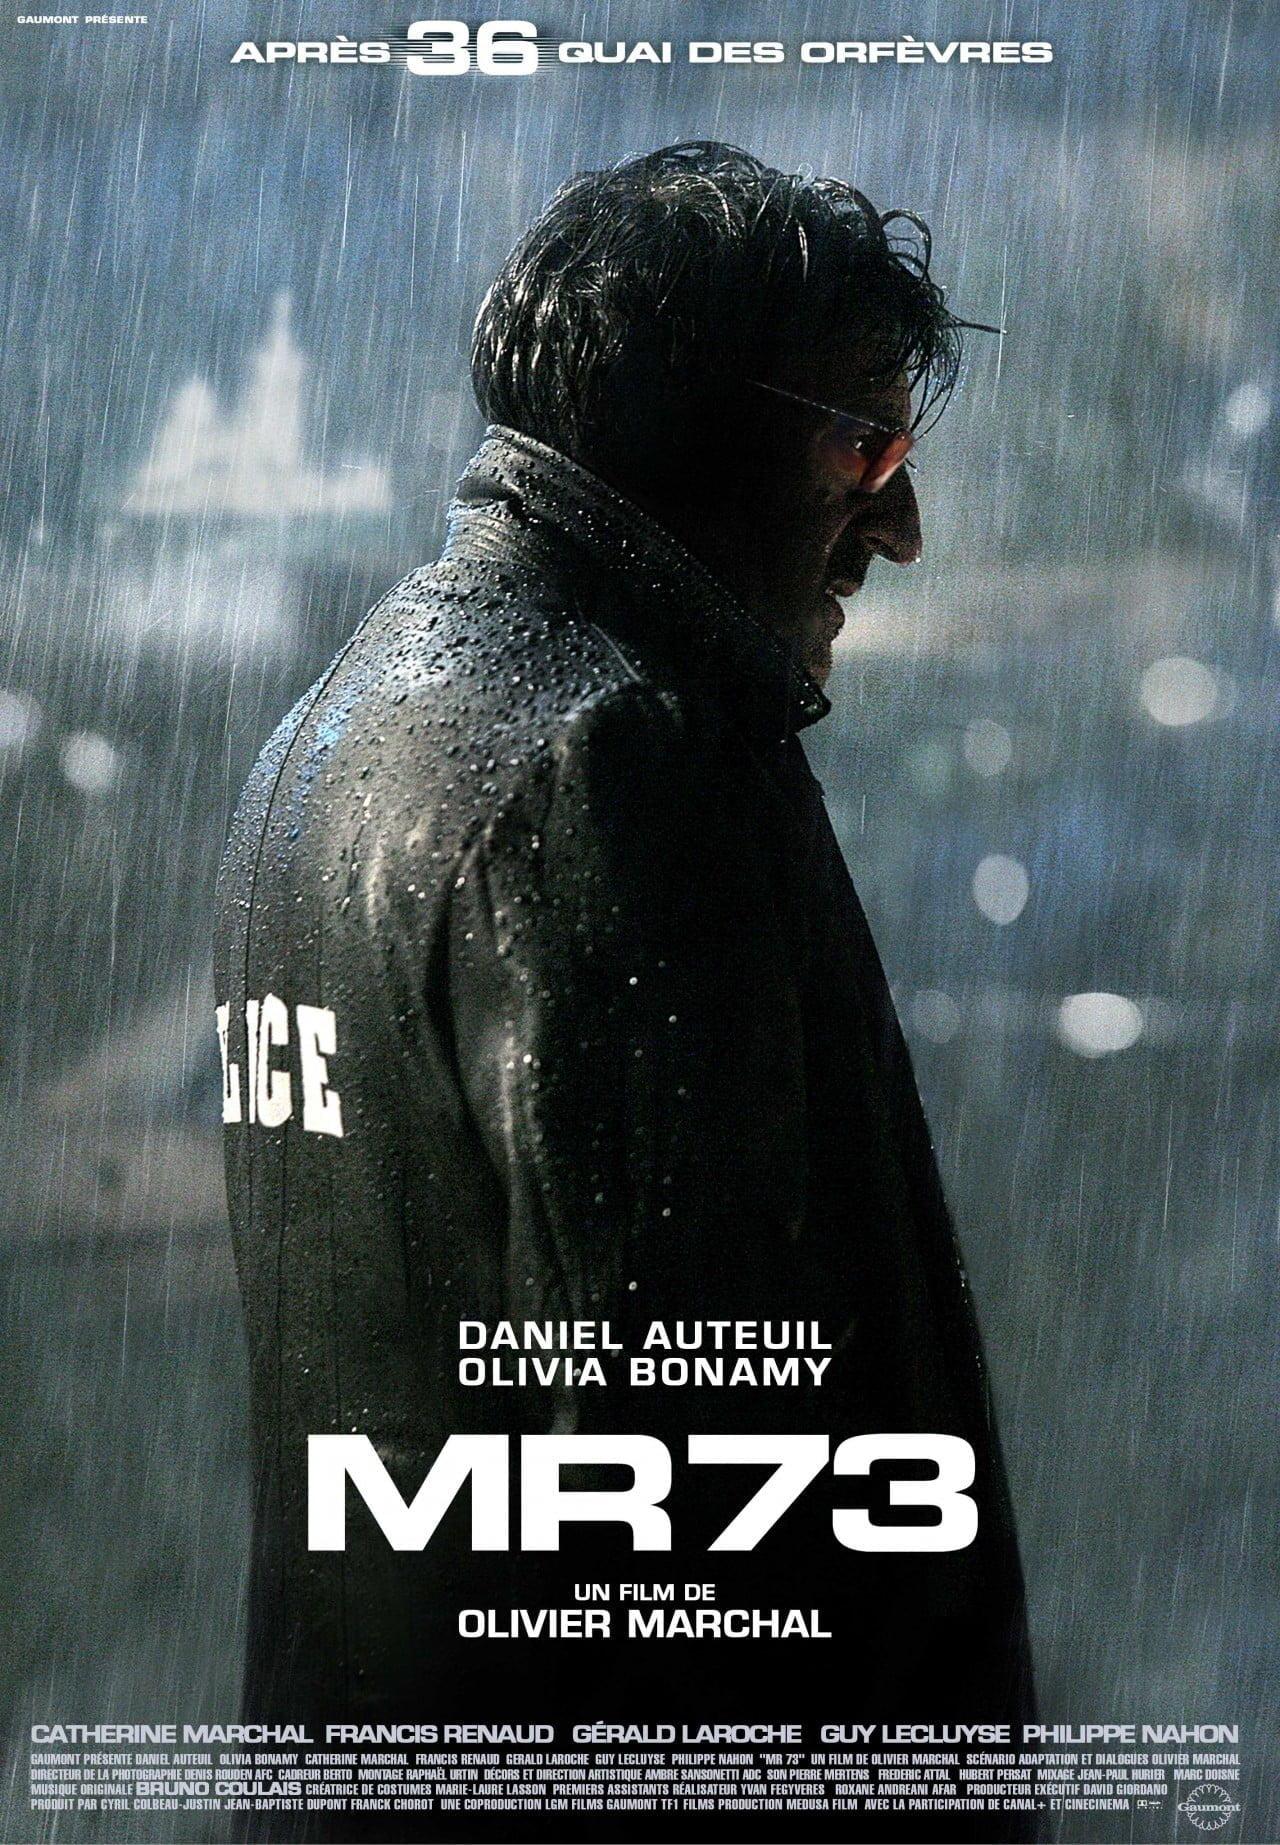 affiche de MR 73 de Olivier Marchal